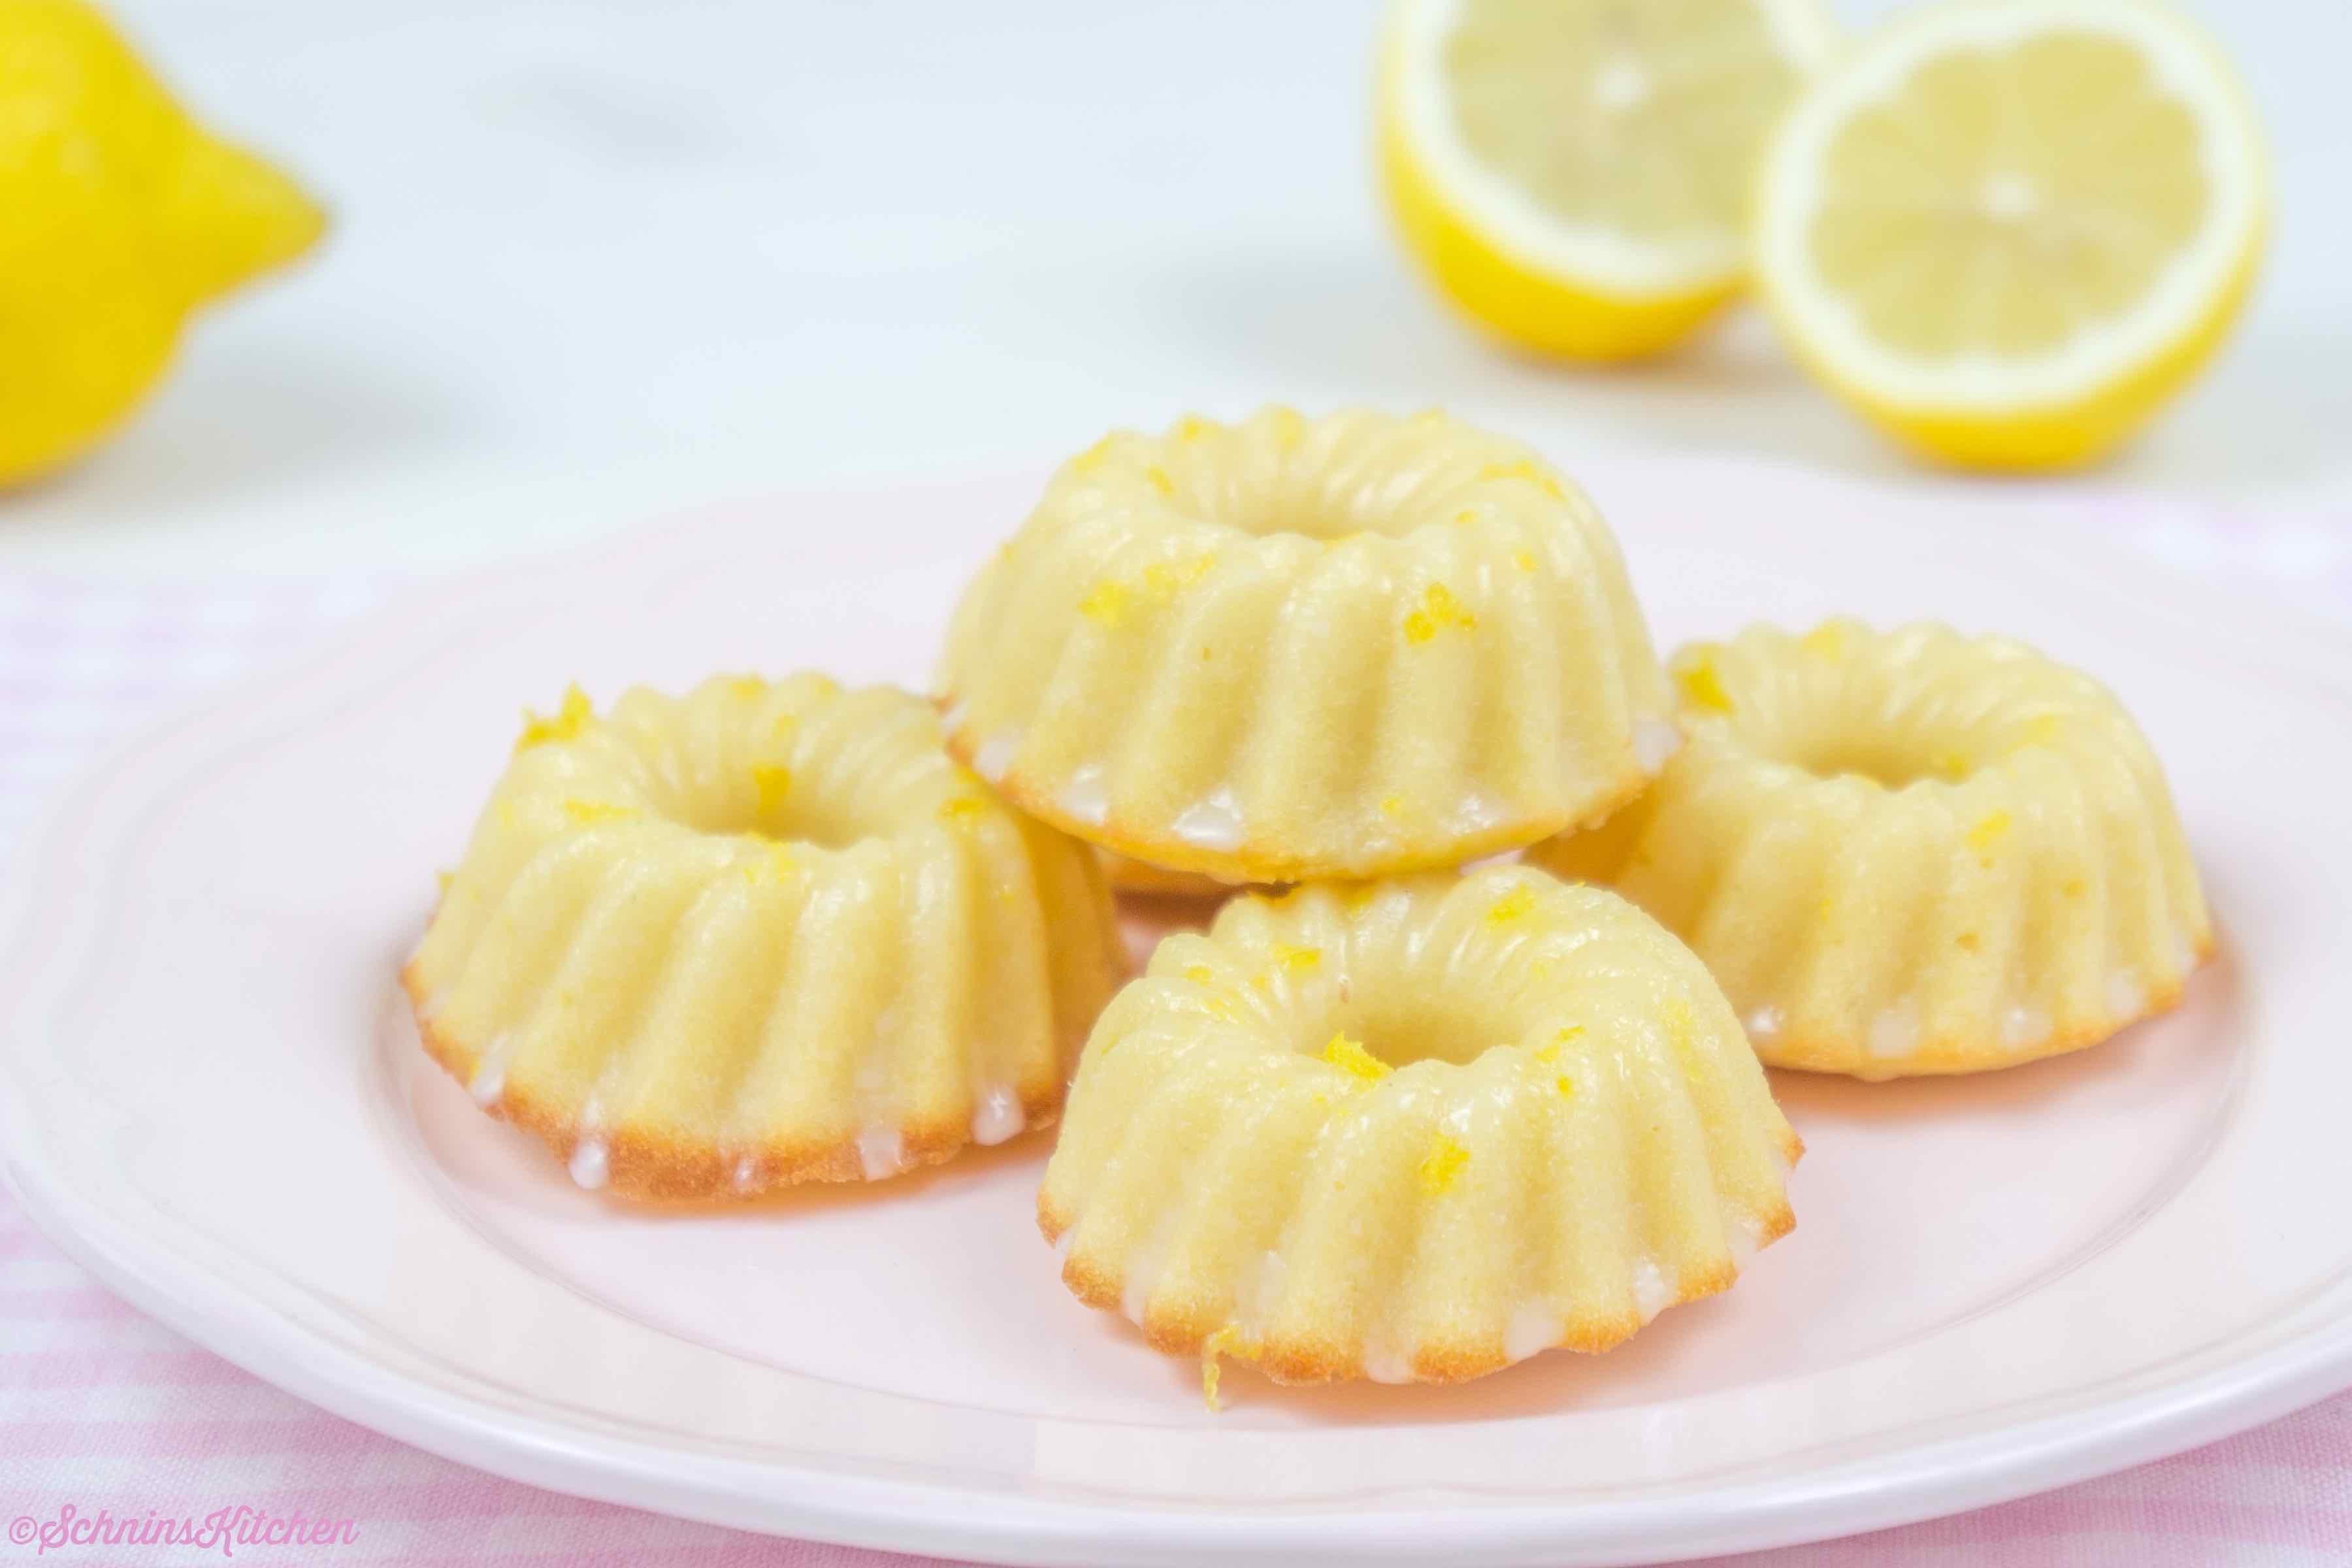 Kleine Zitronen-Gugelhupfe - kleine, feine Kuchen mit Zitrone und Glasur | www.schninskitchen.de